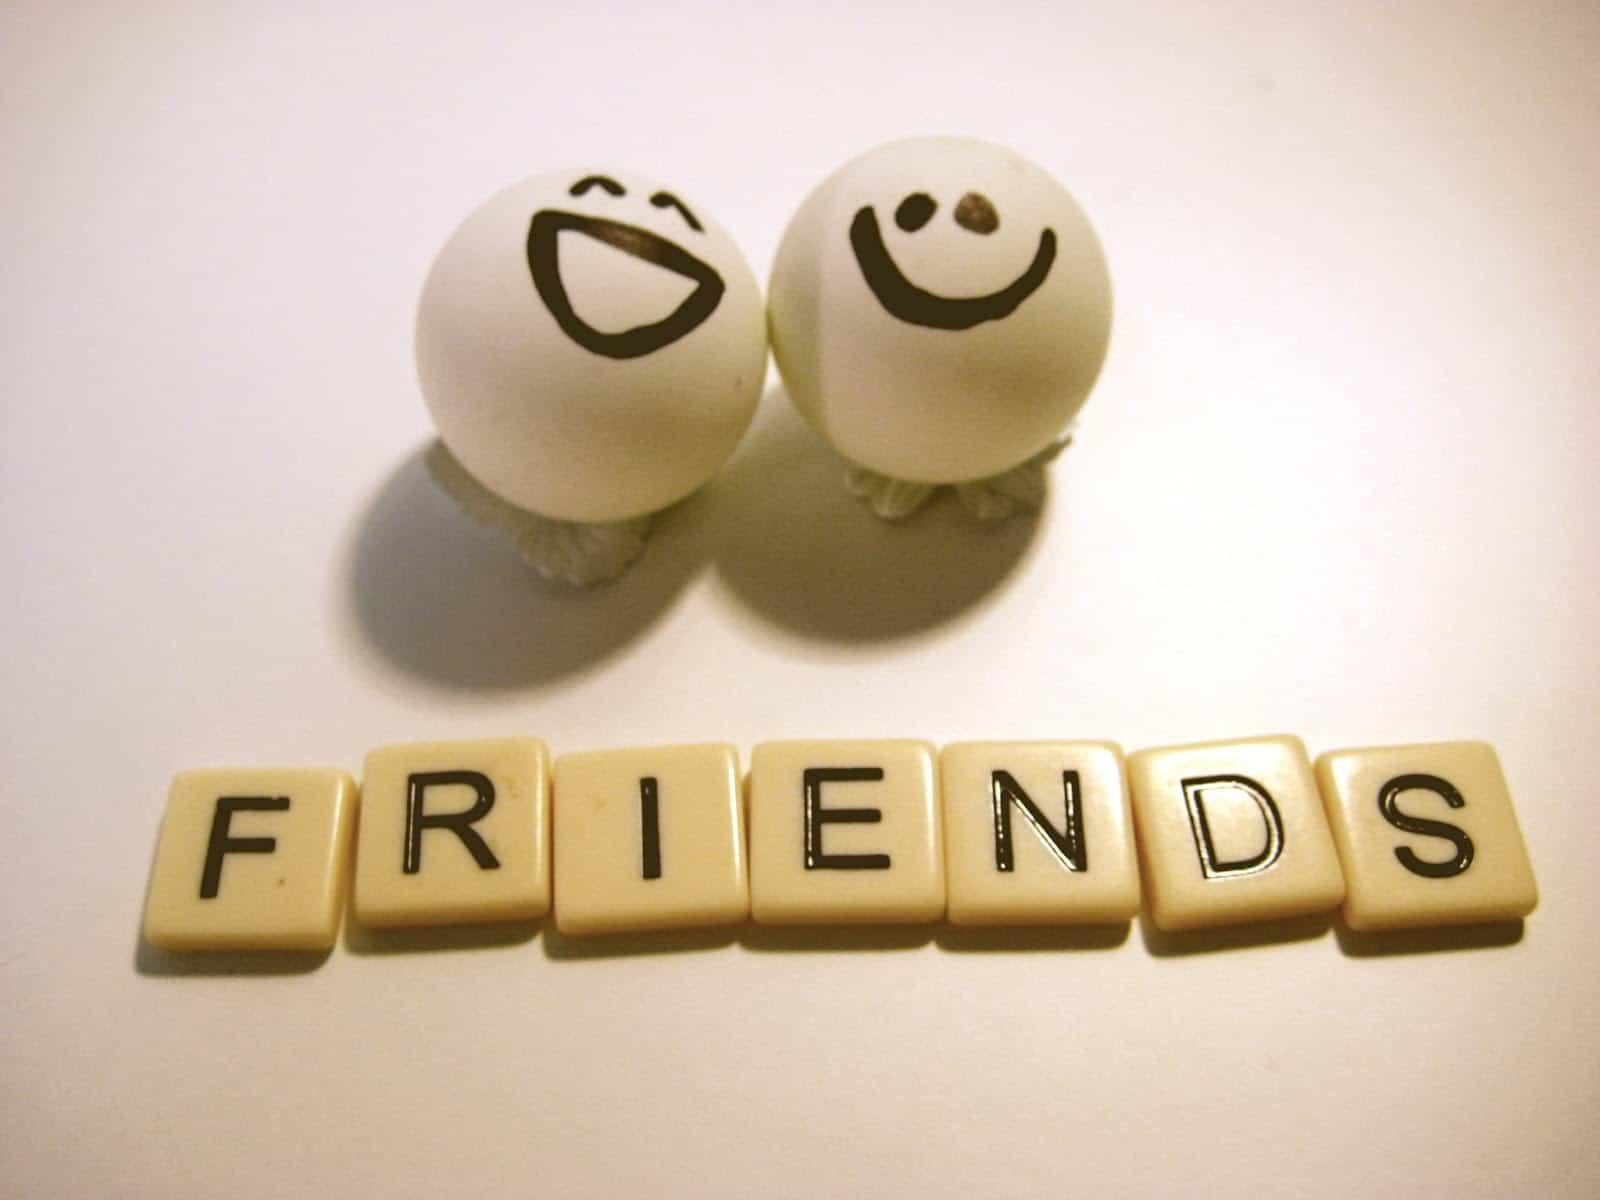 بالصور عبارات جميلة عن الصداقة , عبارات حب و احترام للاصدقاء 1315 5